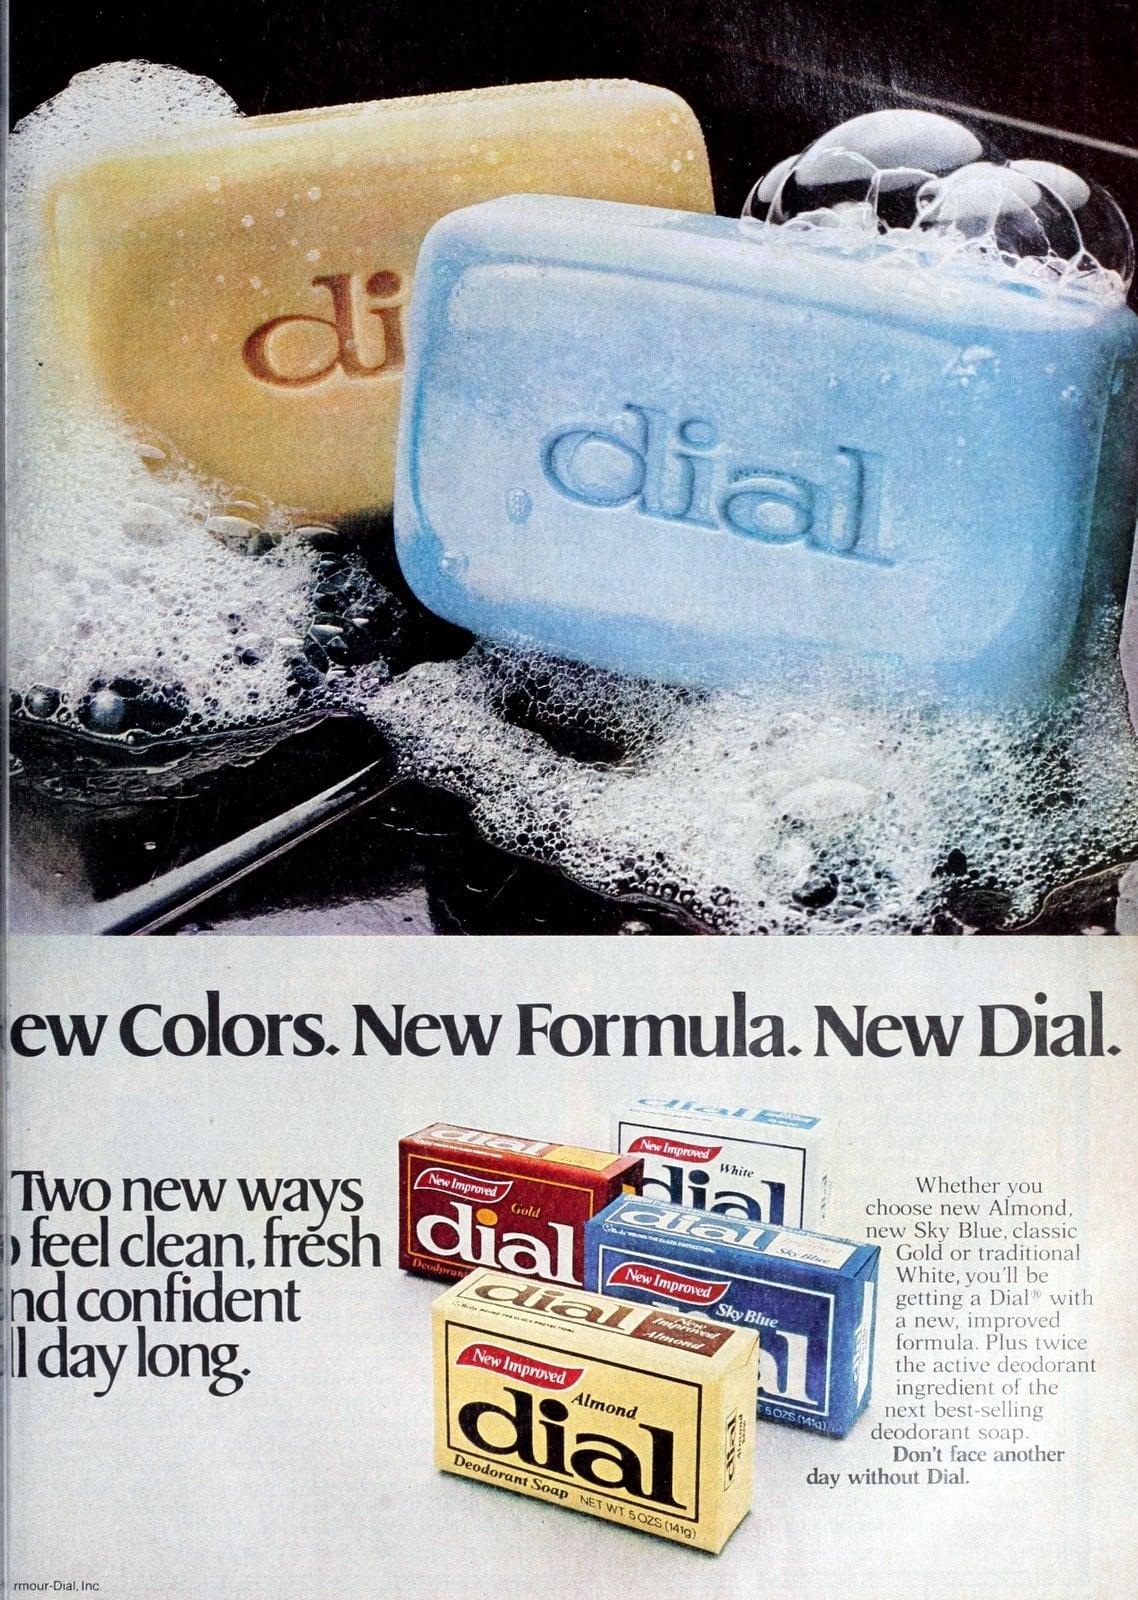 Dial soap - New colors - new formula (1980)